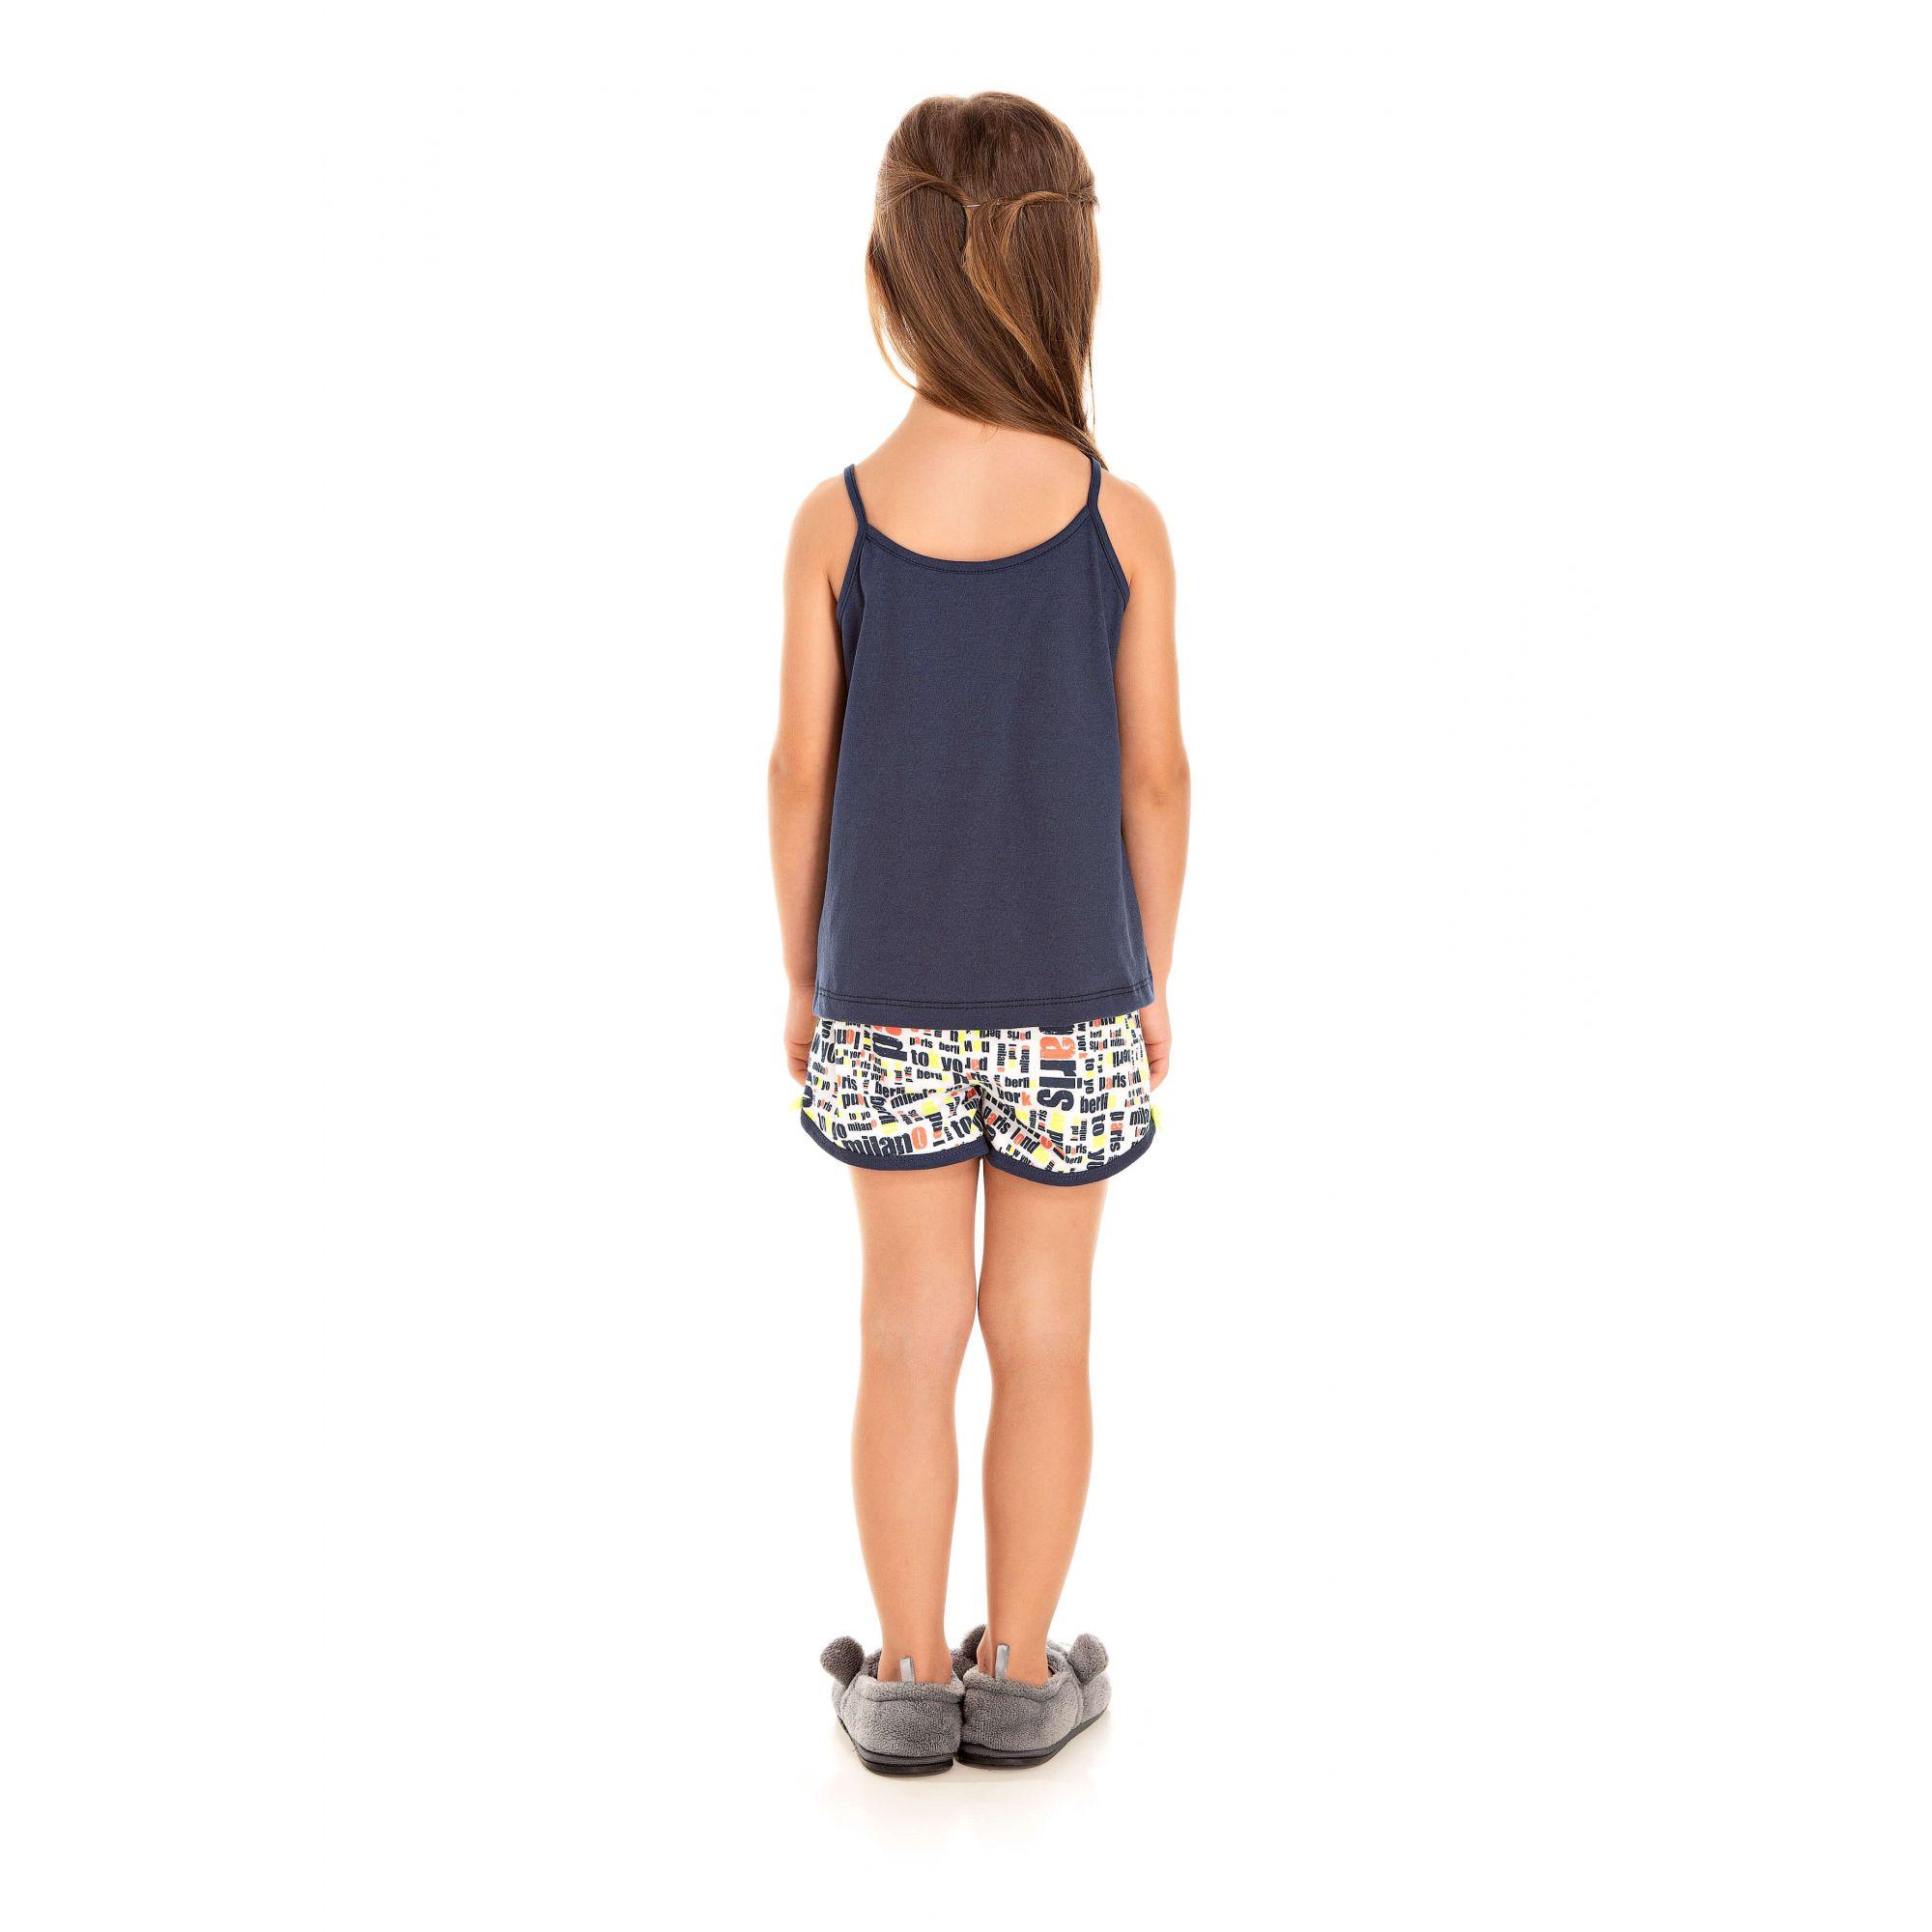 208/E - Short Doll Infantil Feminino Love - Marinho